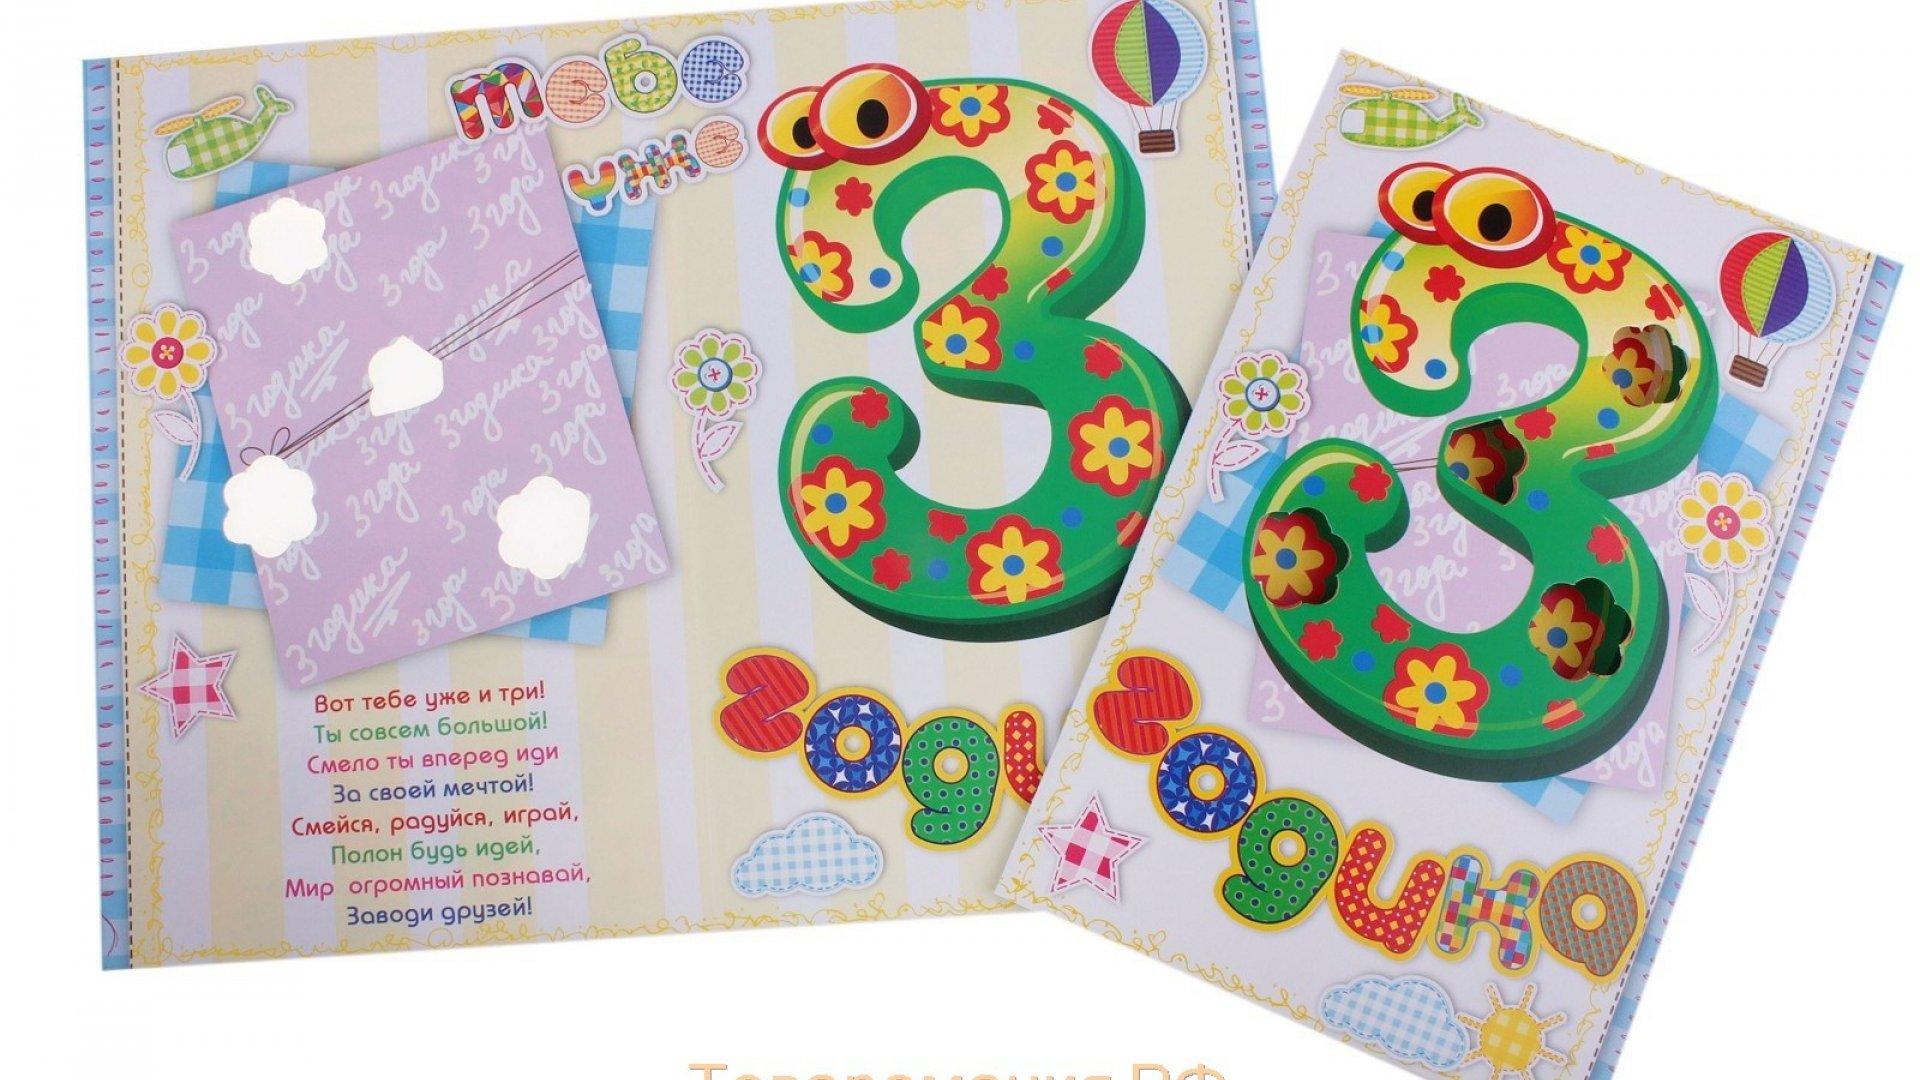 Открытки марта, живые открытки с днем рождения 3 года